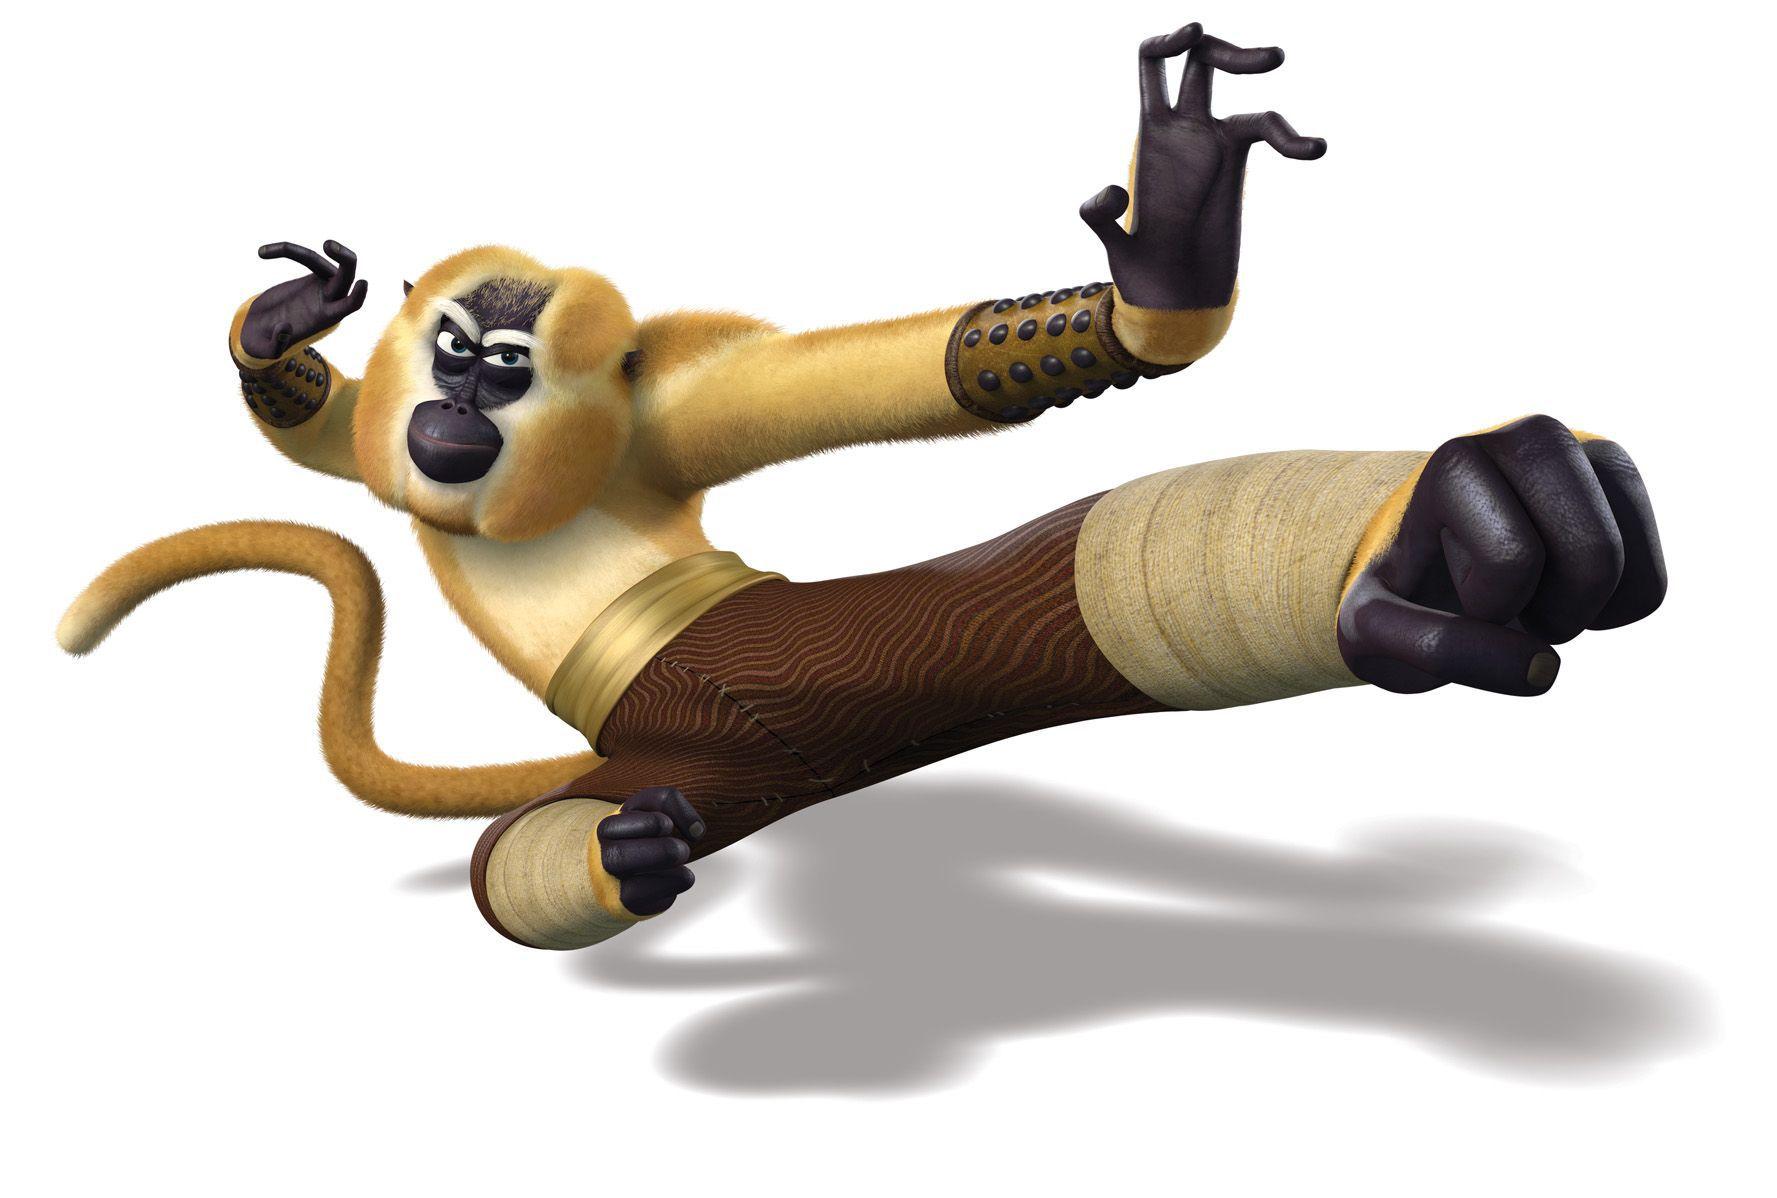 Monkey | The Parody Wiki | FANDOM powered by Wikia